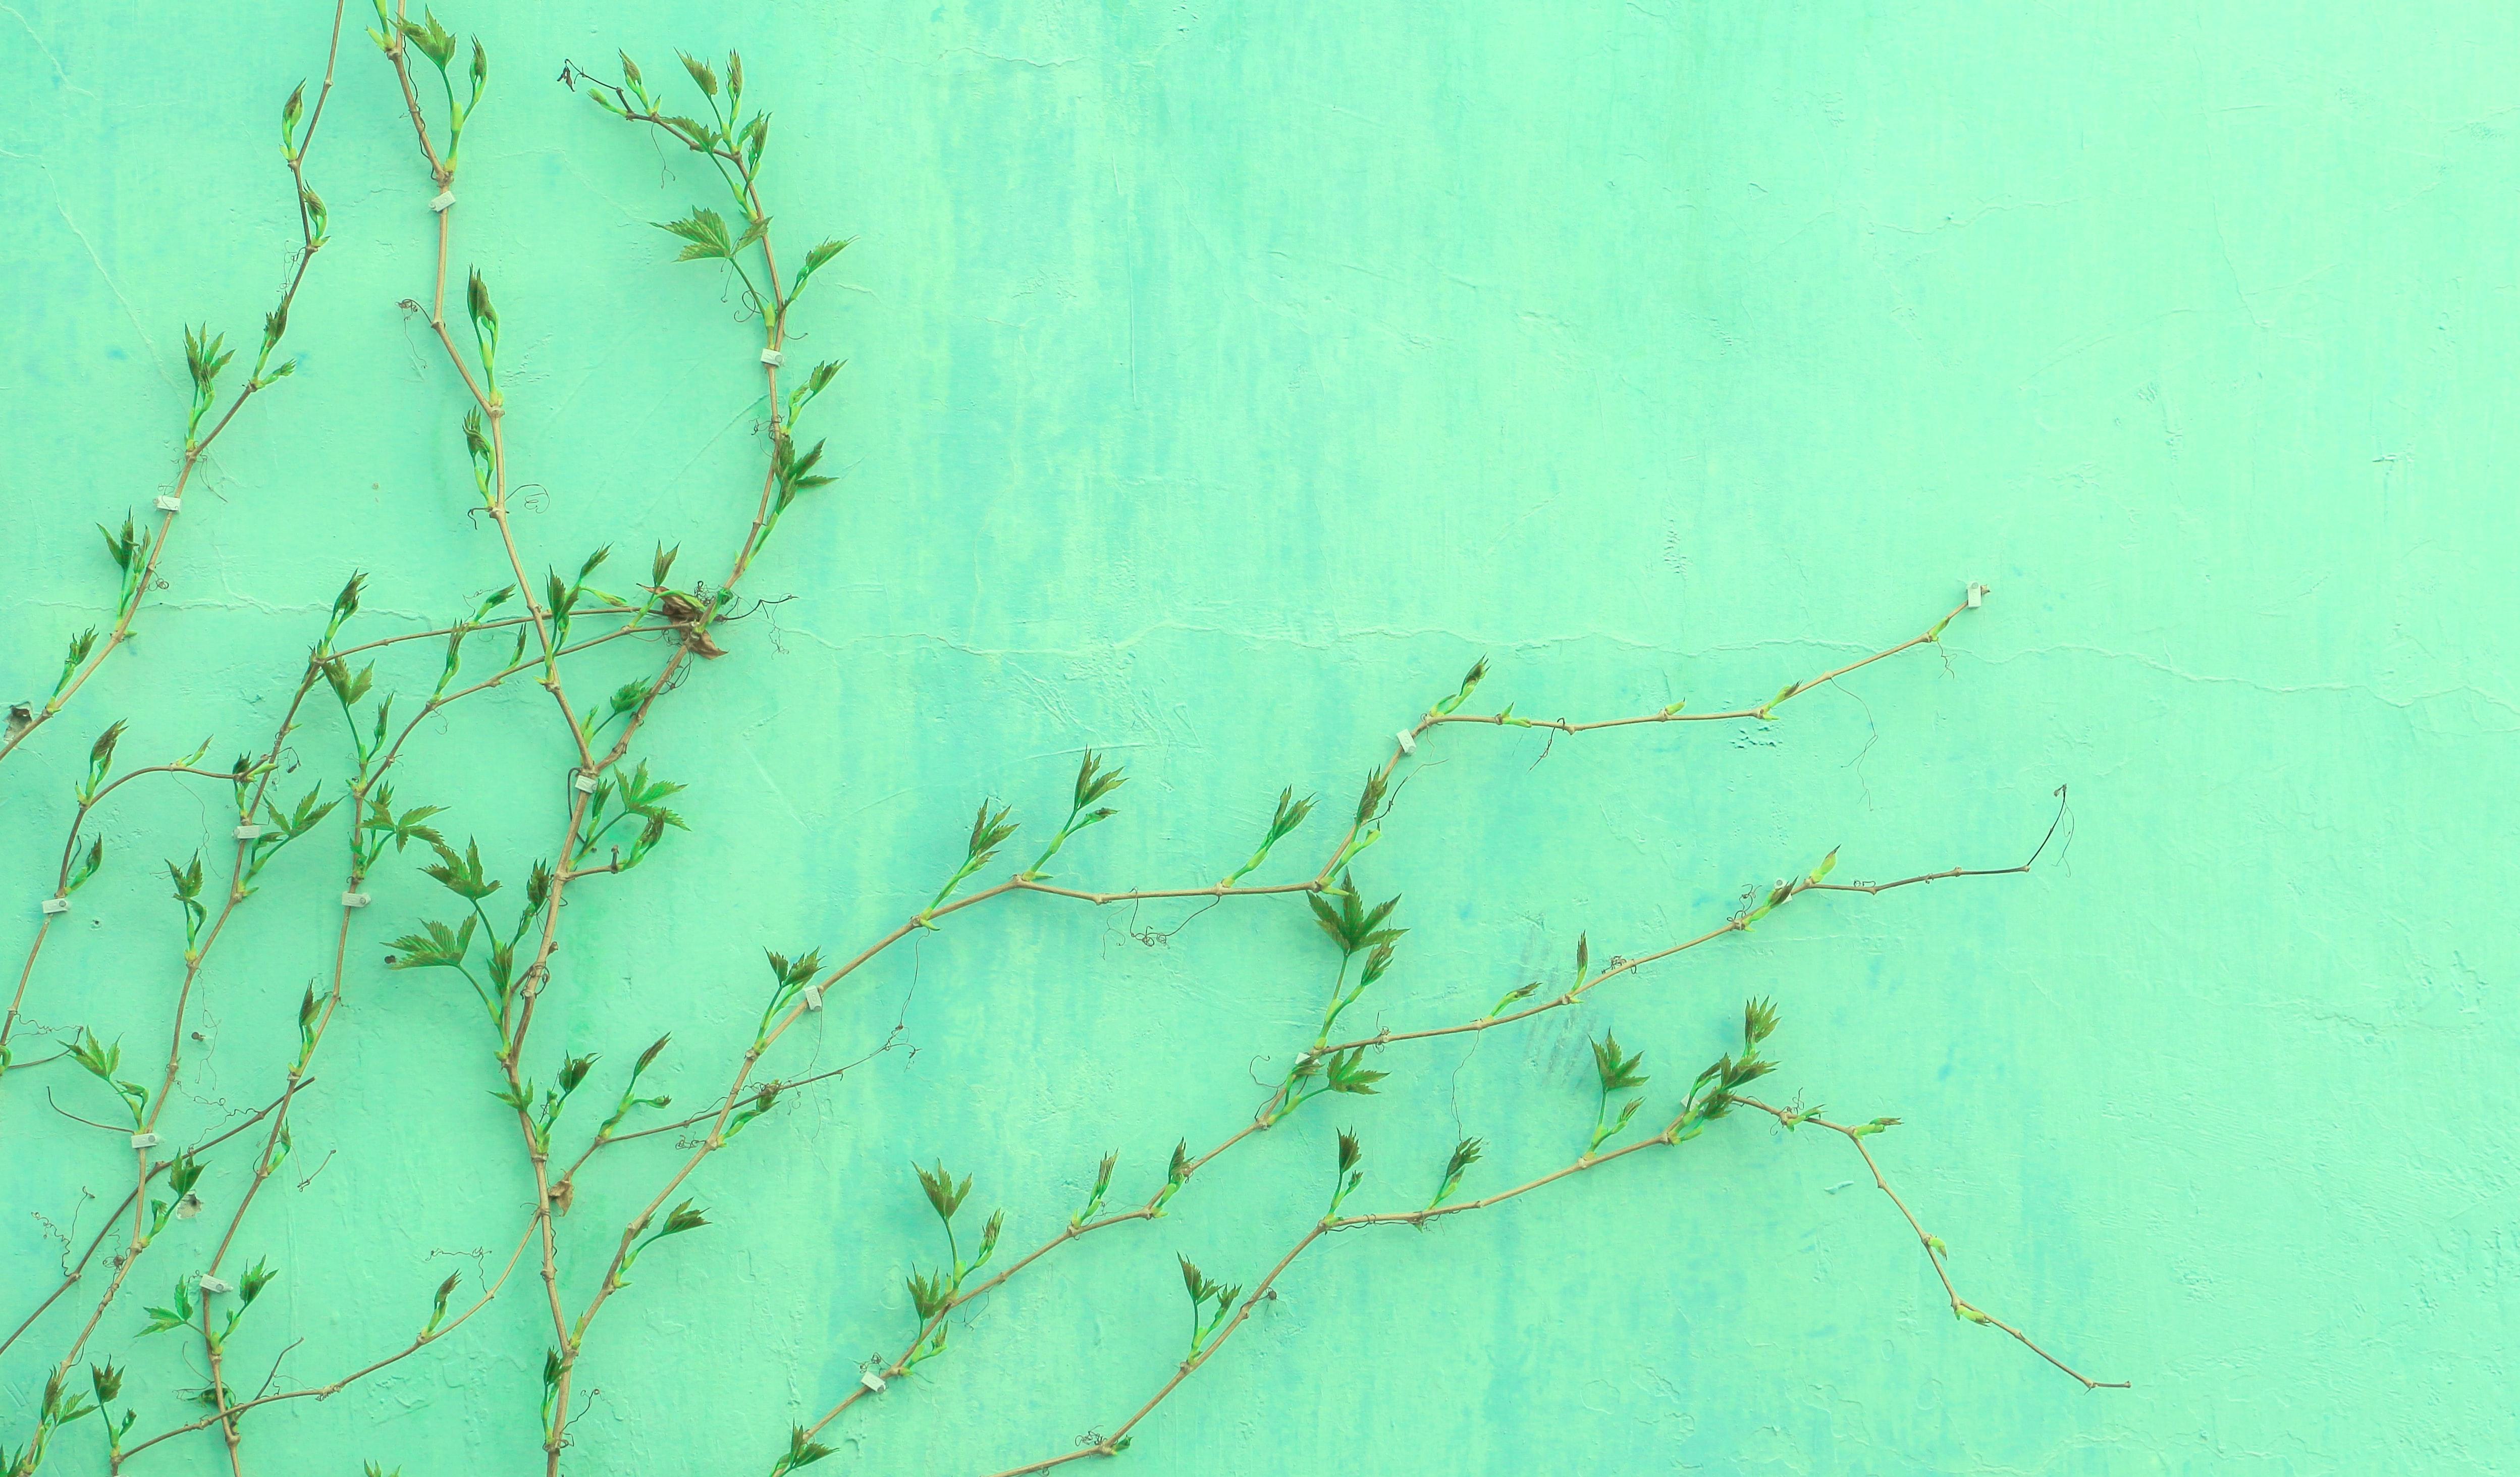 【夢占い】緑色の夢が示す意味21選 建物・植物・部屋・食べ物など